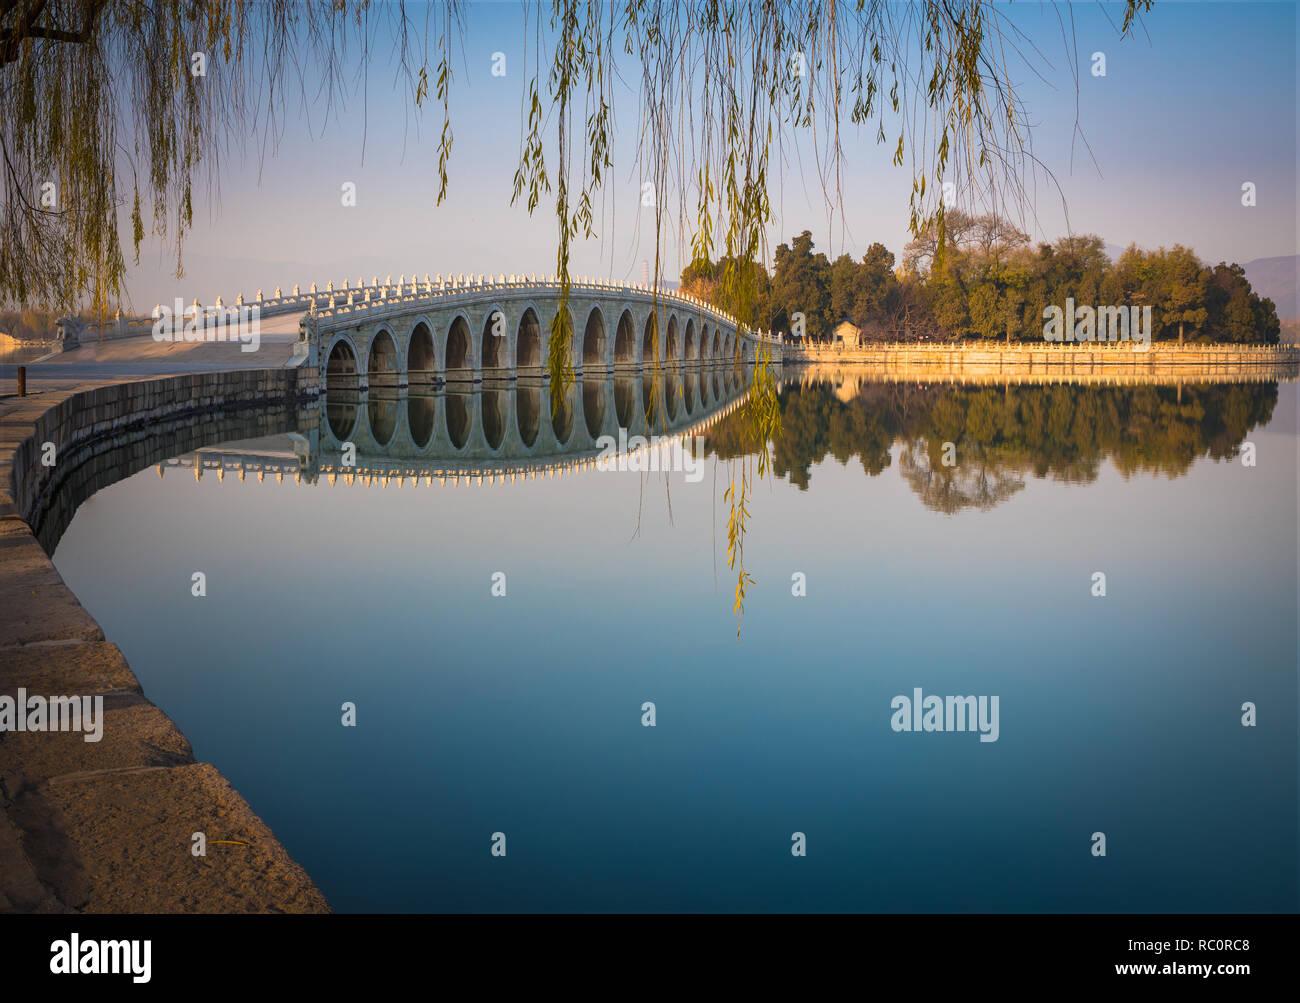 El Palacio de Verano (en chino: 頤和園) es un vasto conjunto de lagos, jardines y palacios en Beijing. Foto de stock